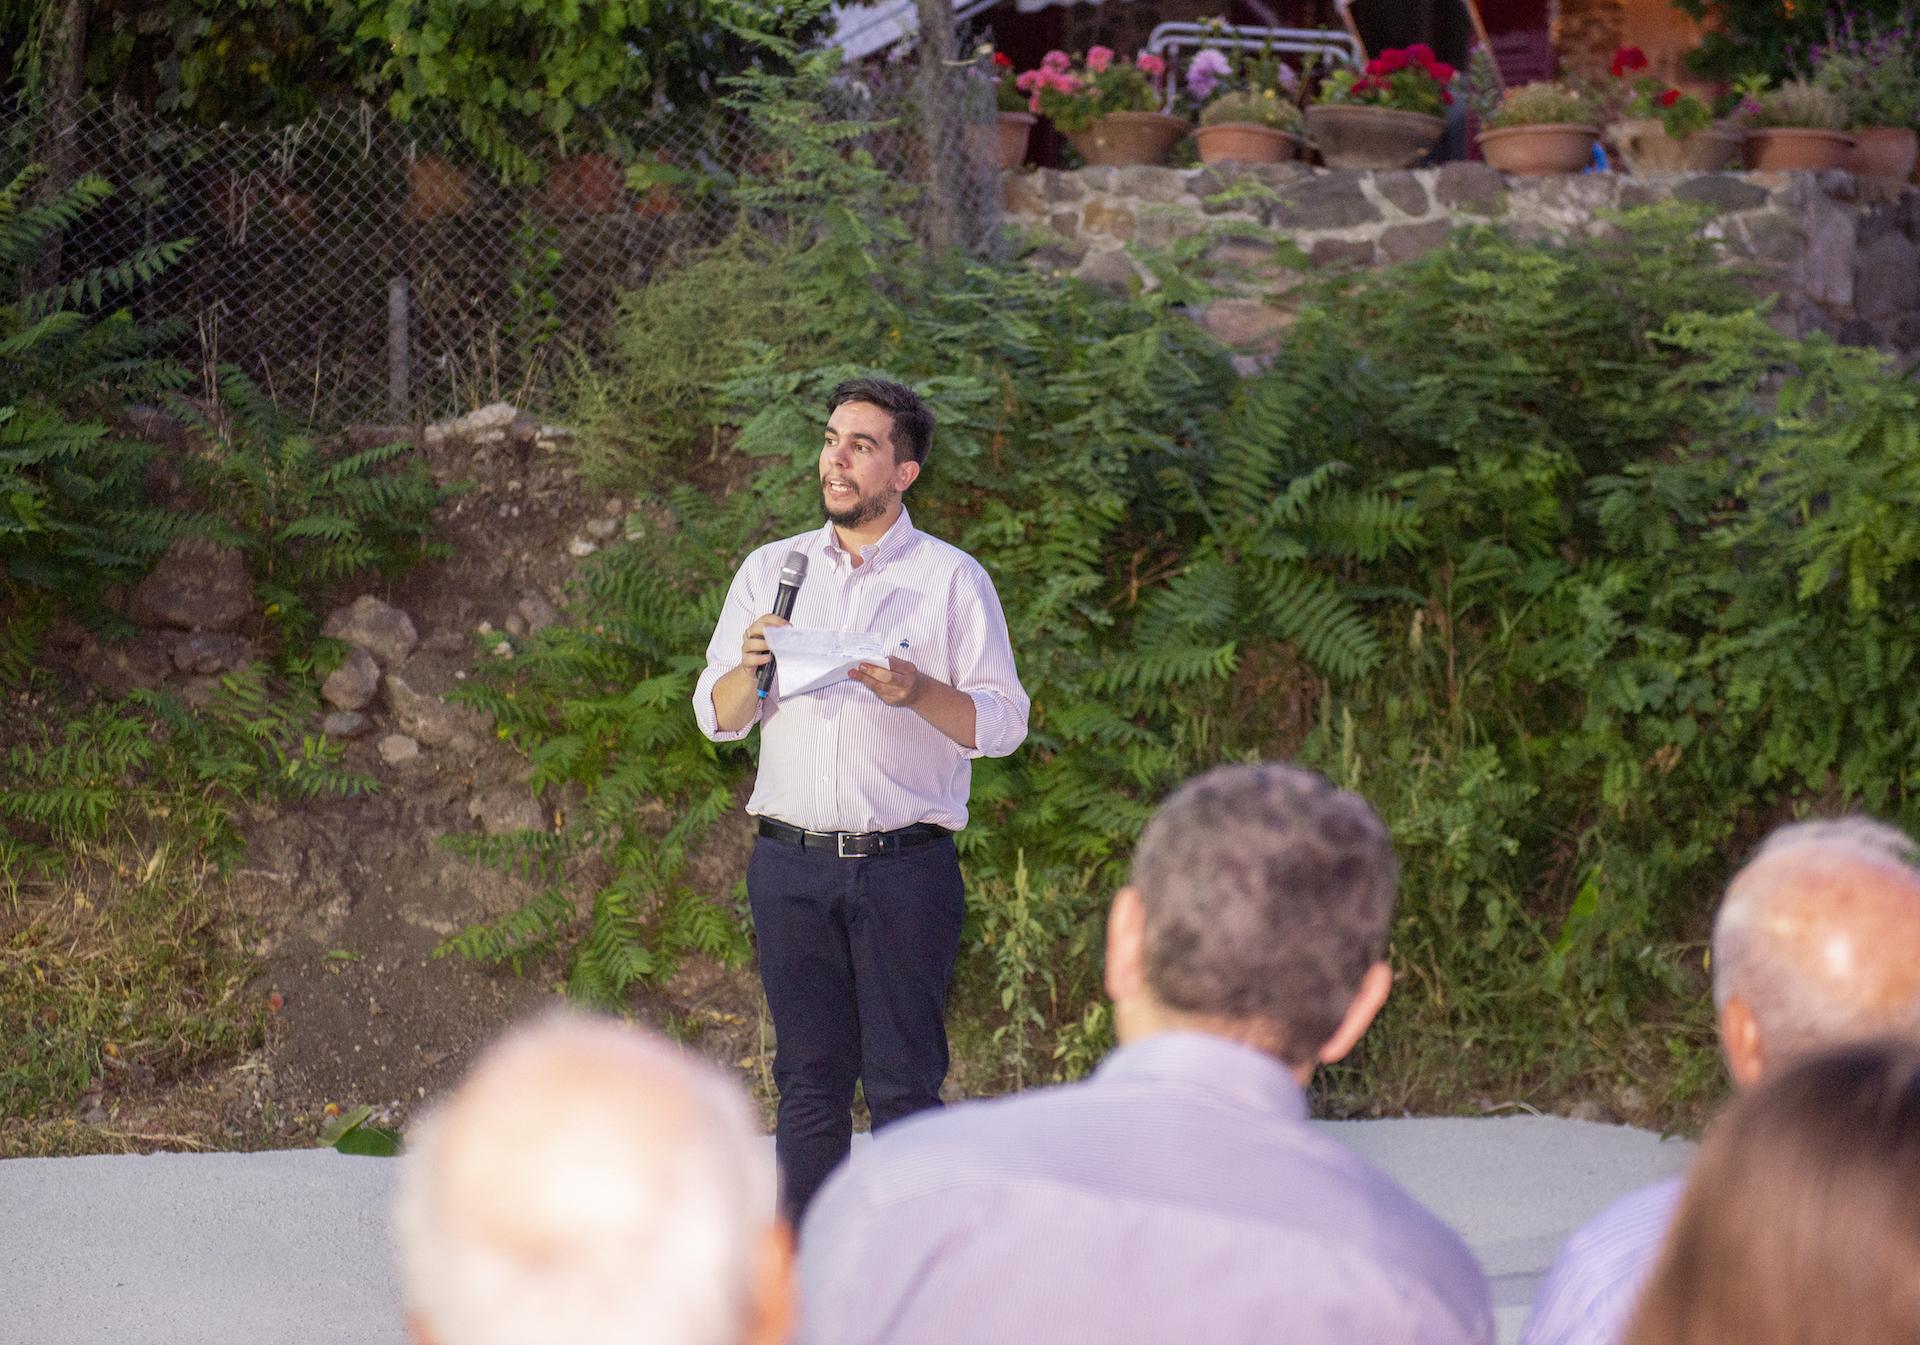 Nicolas Vamvouklis, founder of K-Gold Temporary Gallery